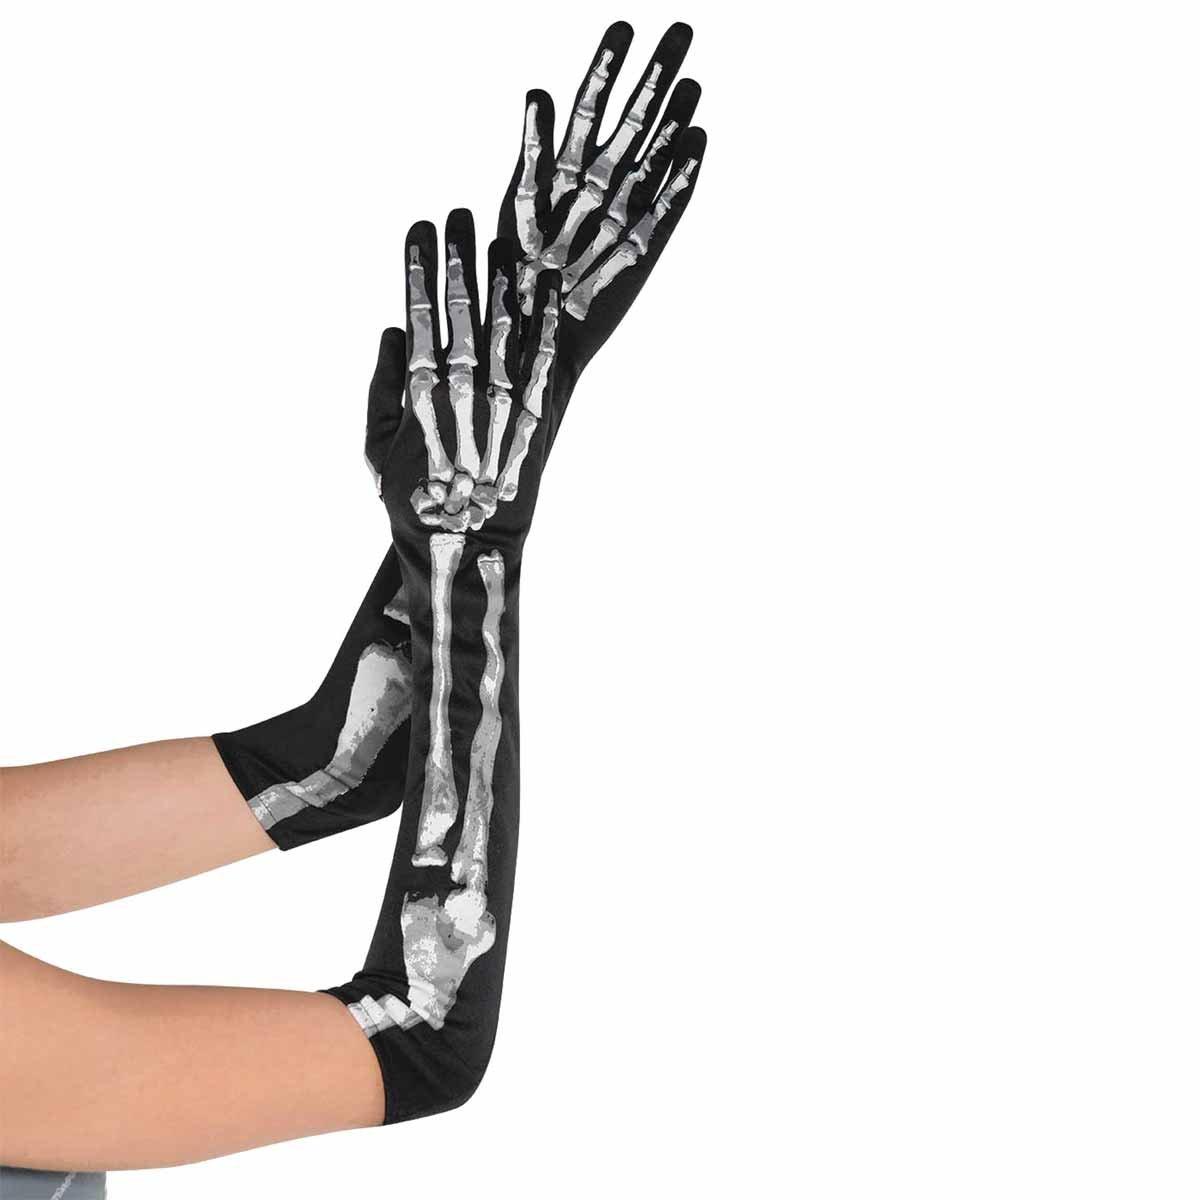 Amscan Halloween Accessoire Verkleidung Skelett Handschuhe Kostüme 841439